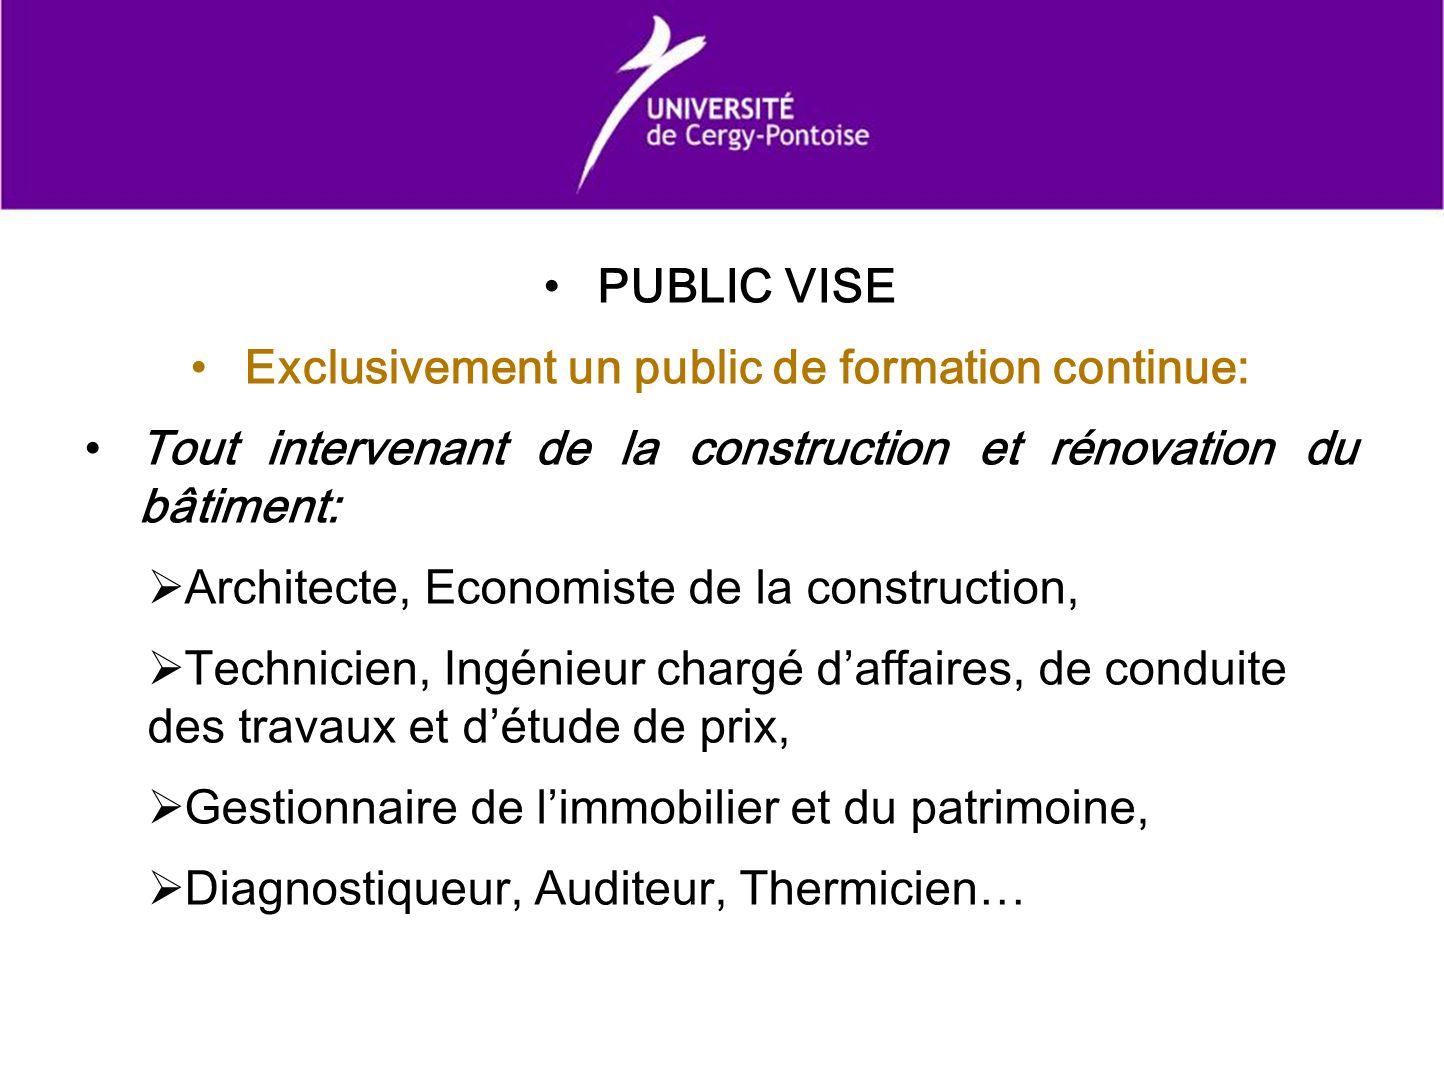 PUBLIC VISE Exclusivement un public de formation continue: Tout intervenant de la construction et rénovation du bâtiment: Architecte, Economiste de la